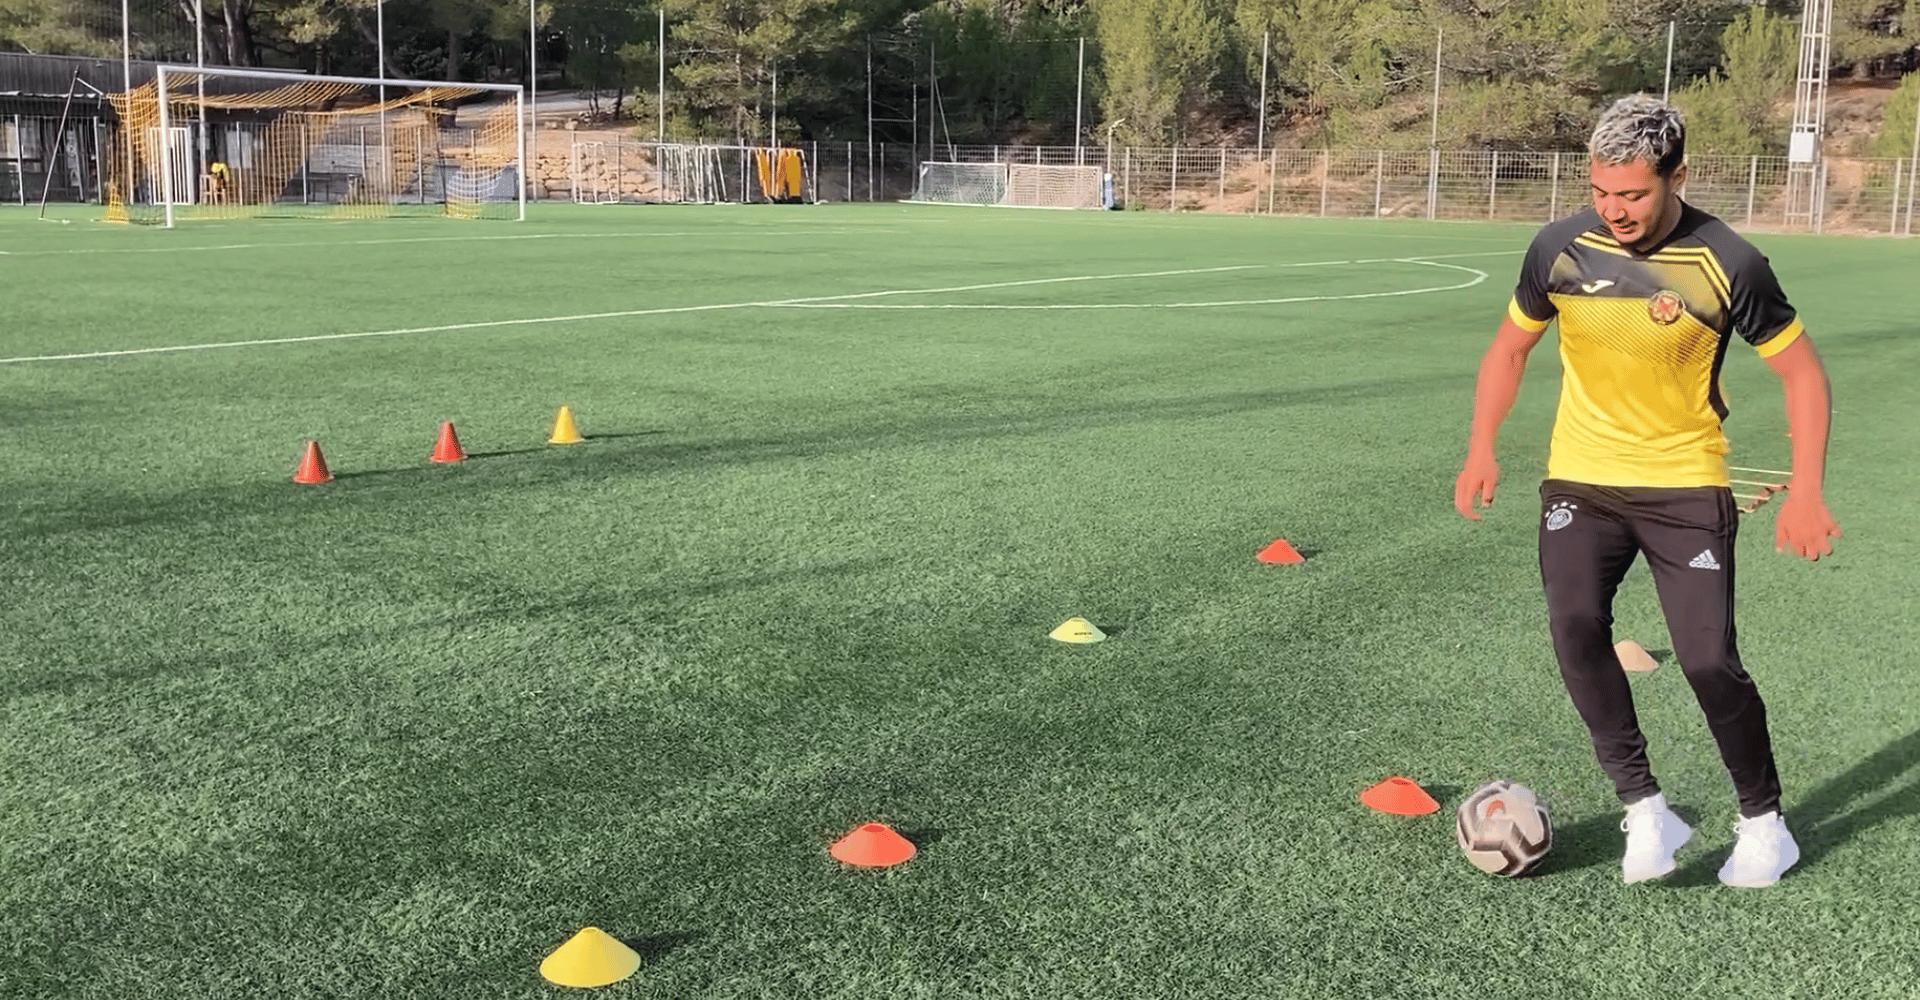 Le foot à la maison - Episode 1 / USV